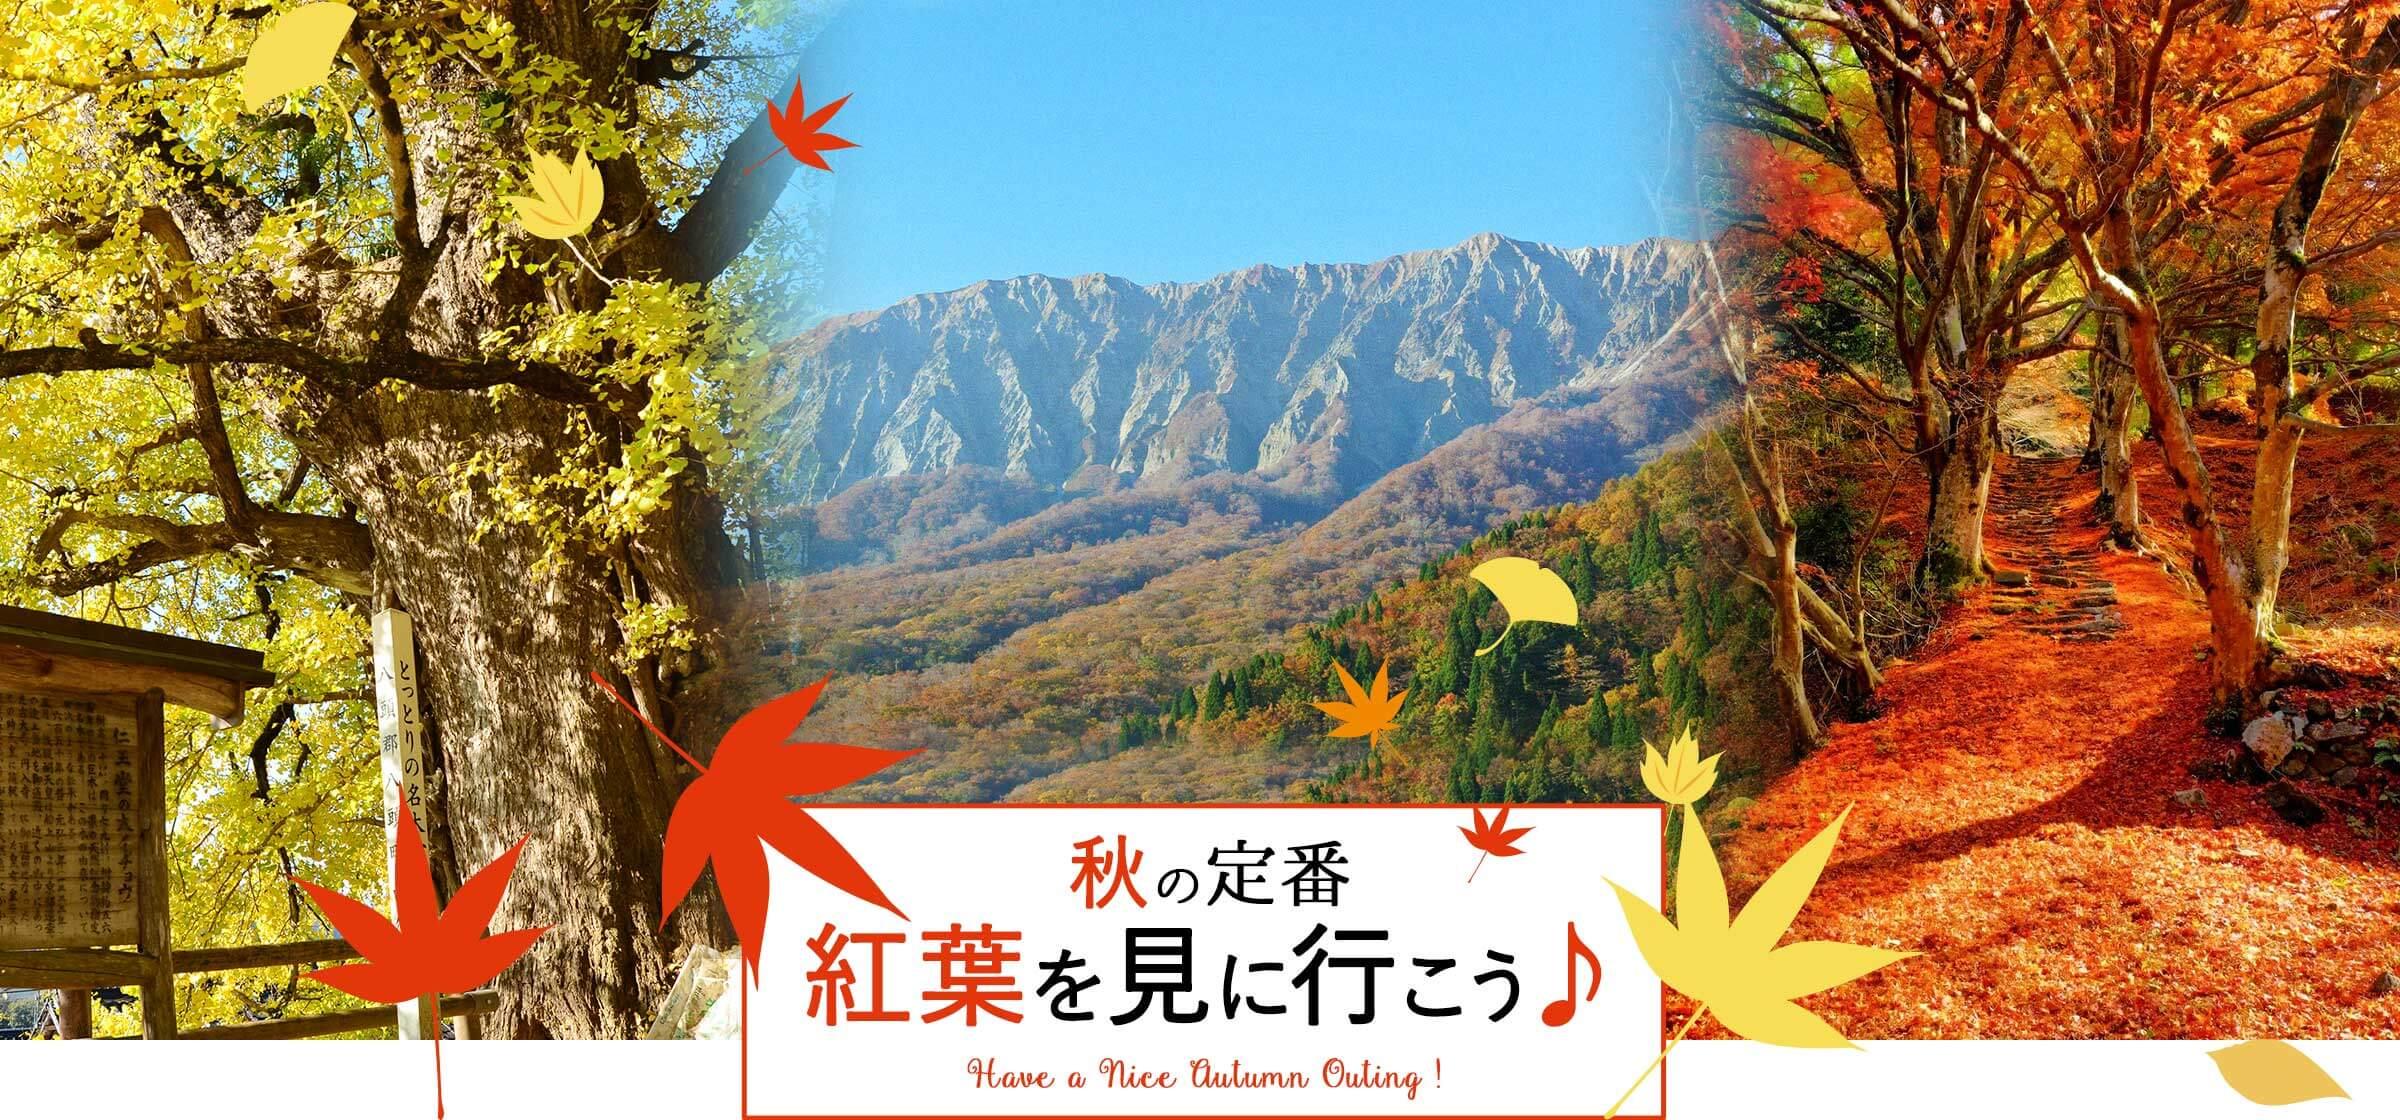 鳥取県 秋のおでかけ 秋の定番 紅葉を見に行こう